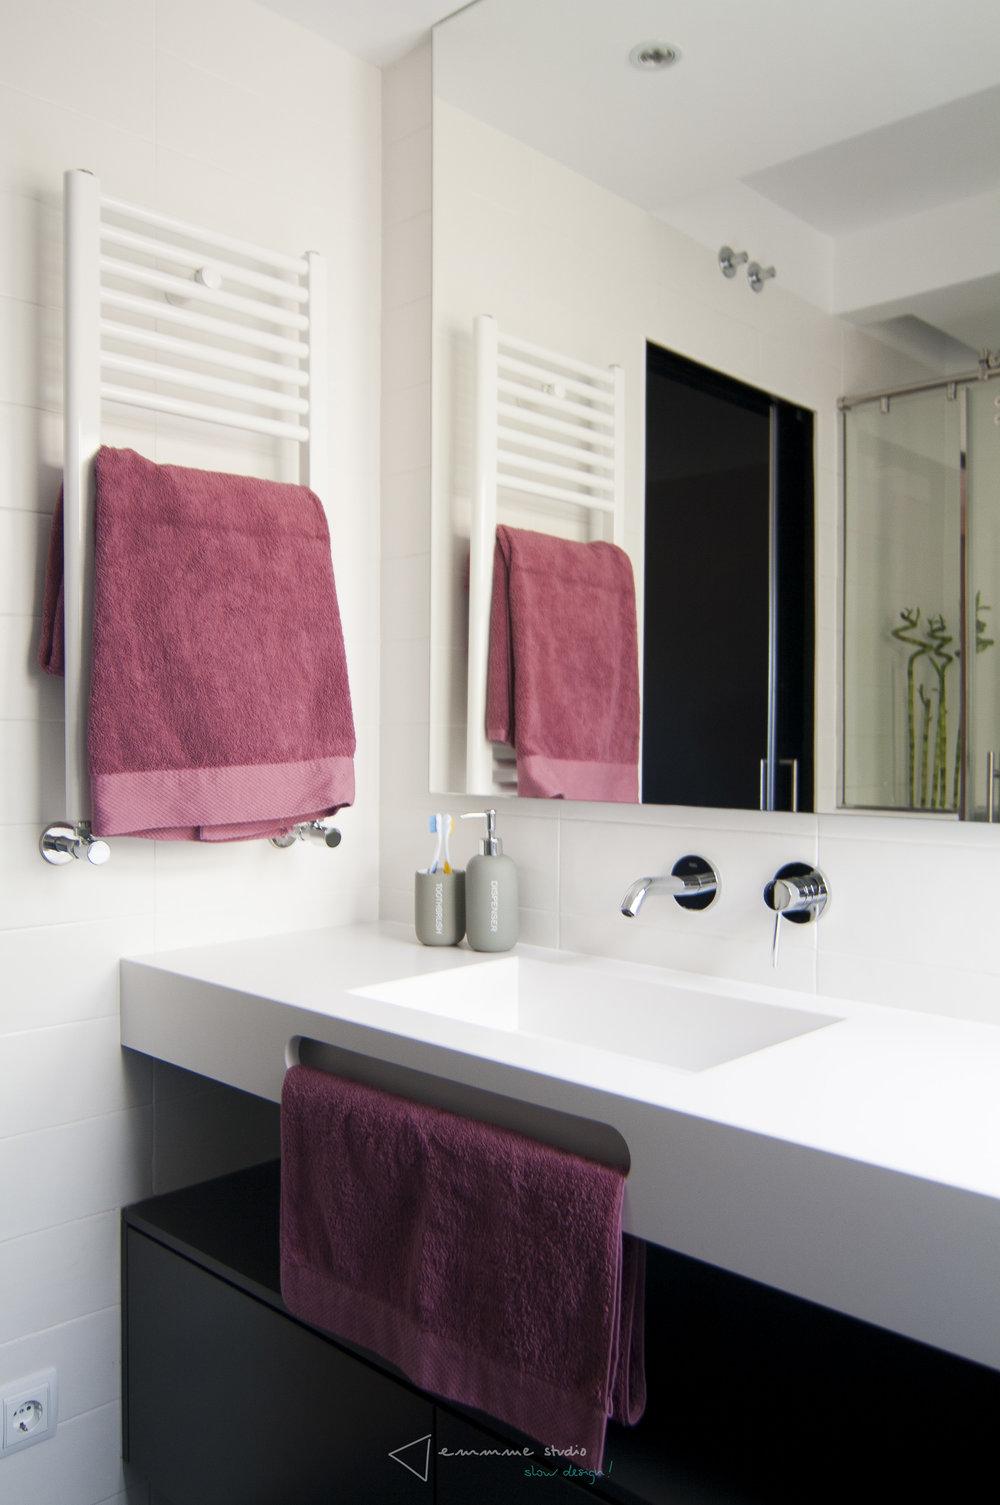 diseño reformas slow emmme studio - baño de Maria y Rober - 03 - CM.jpg